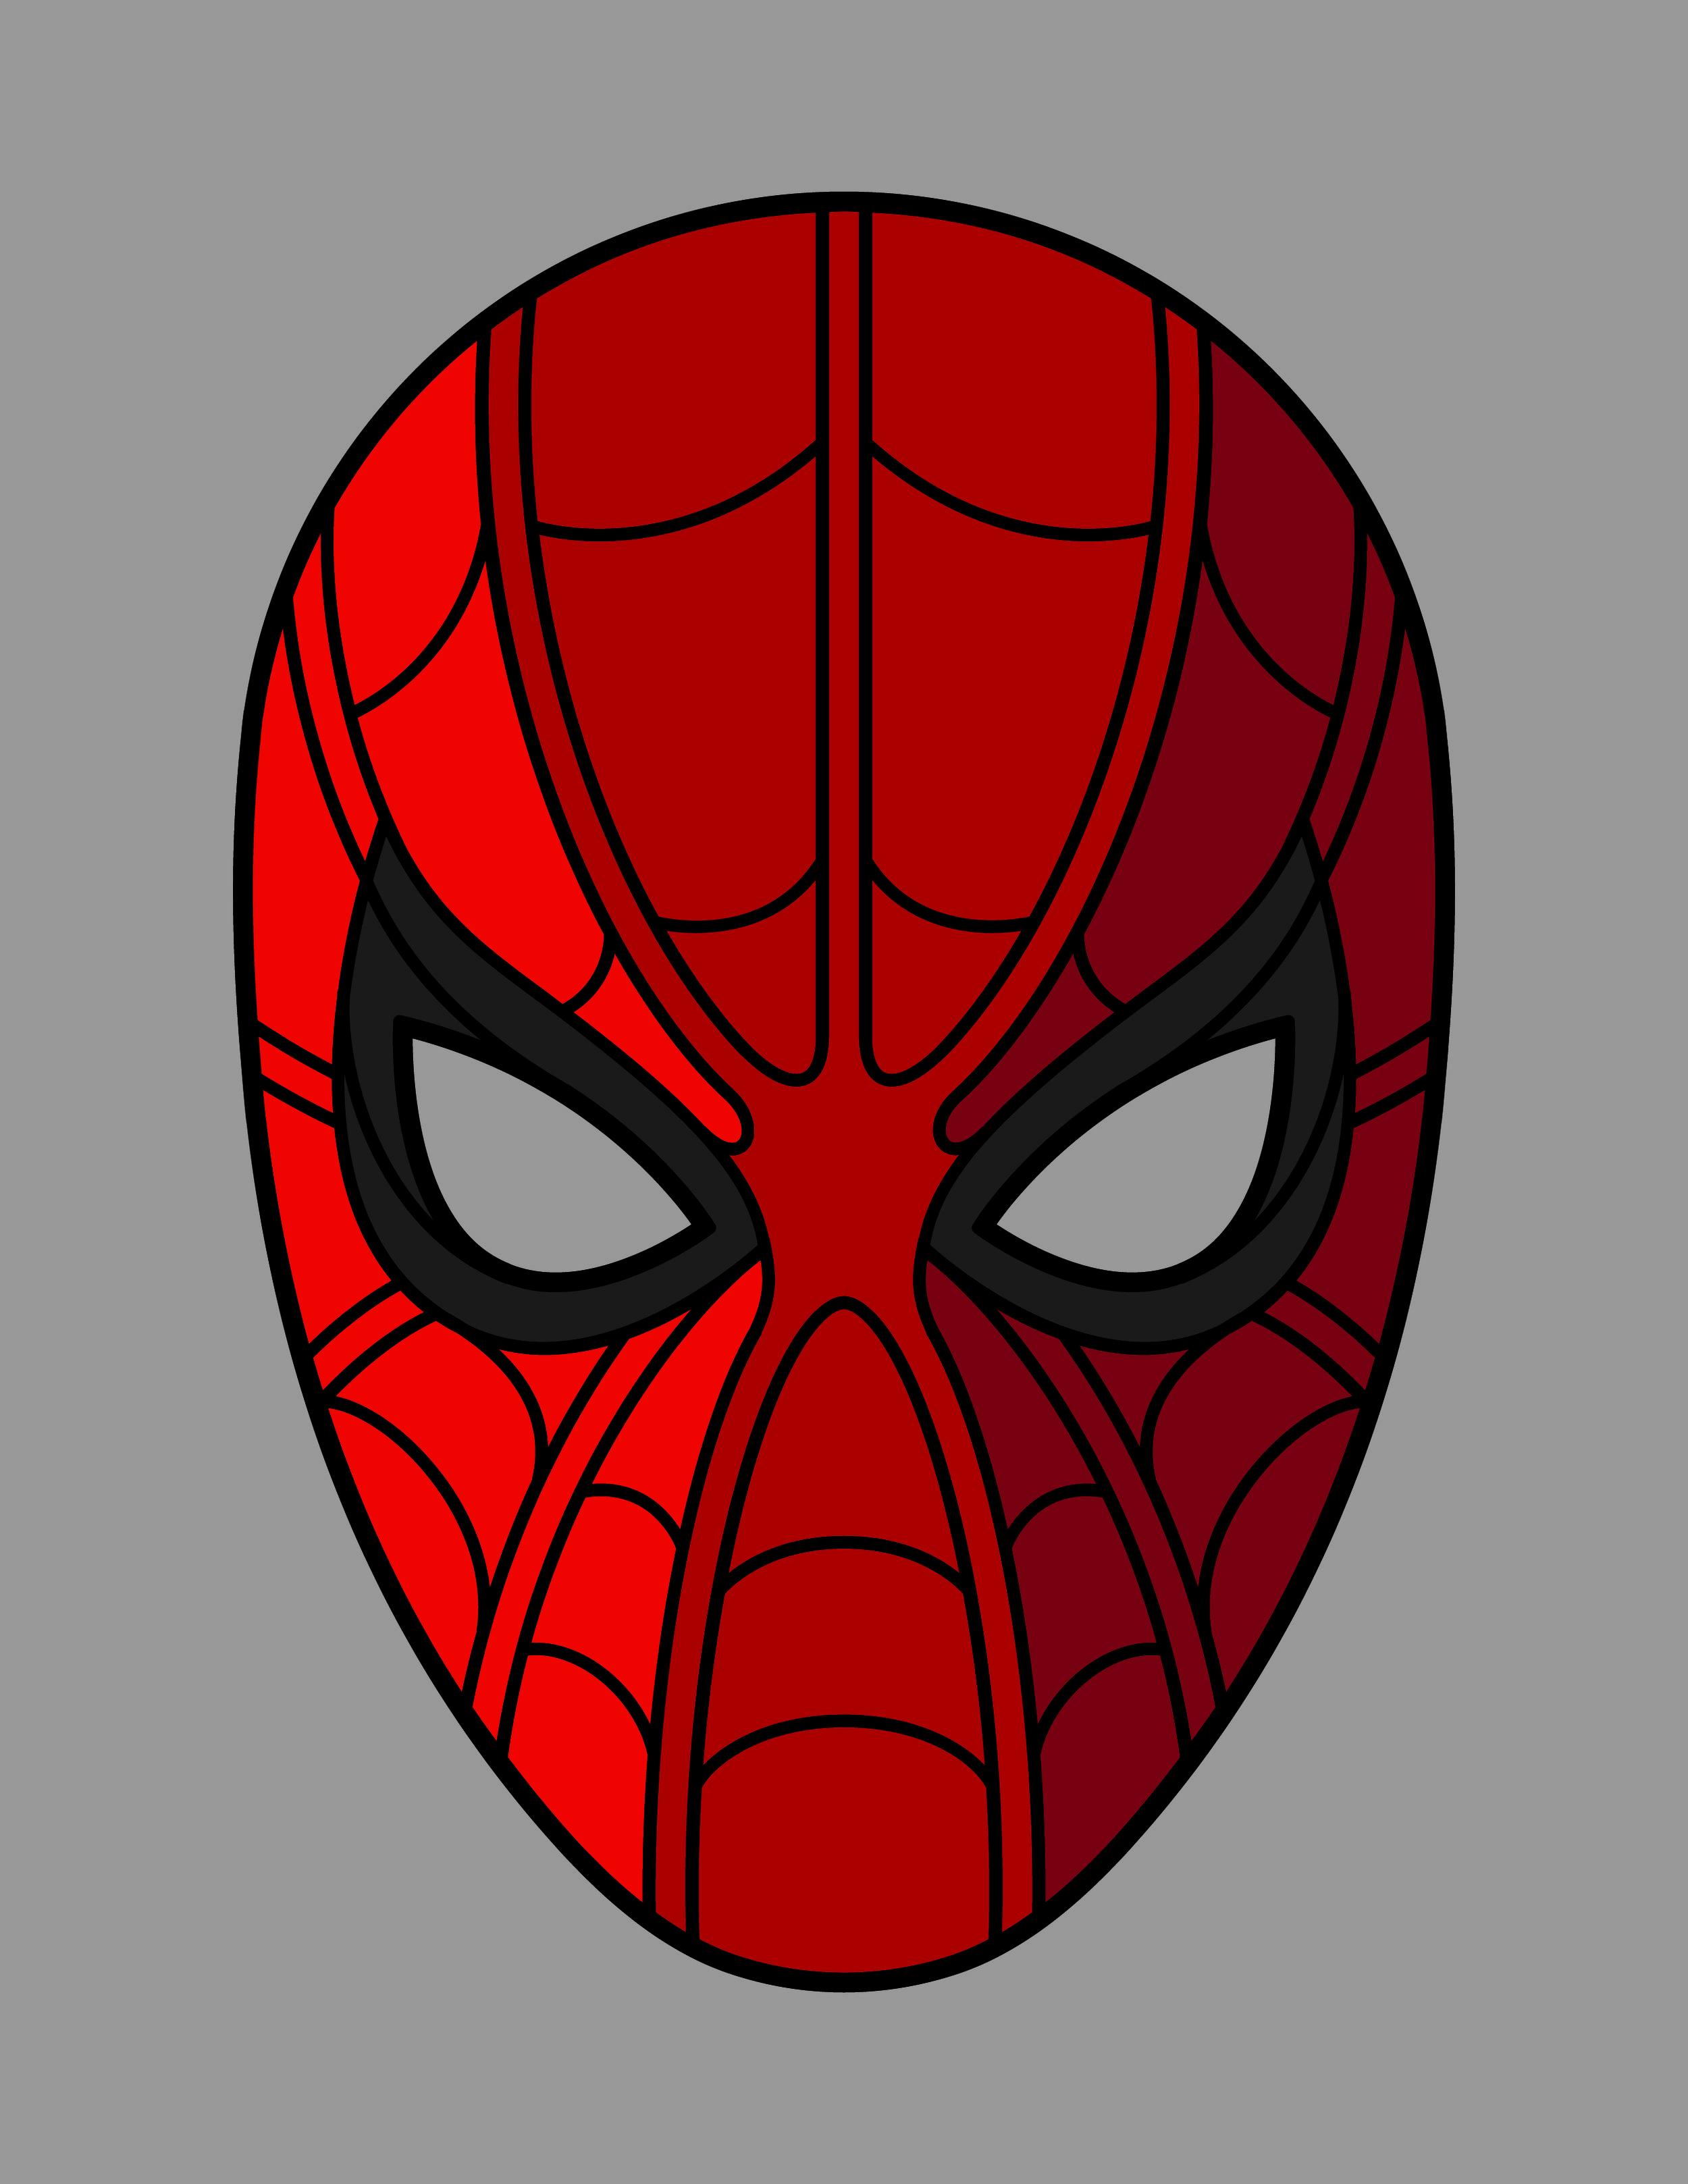 spider_man_mask-01.jpg